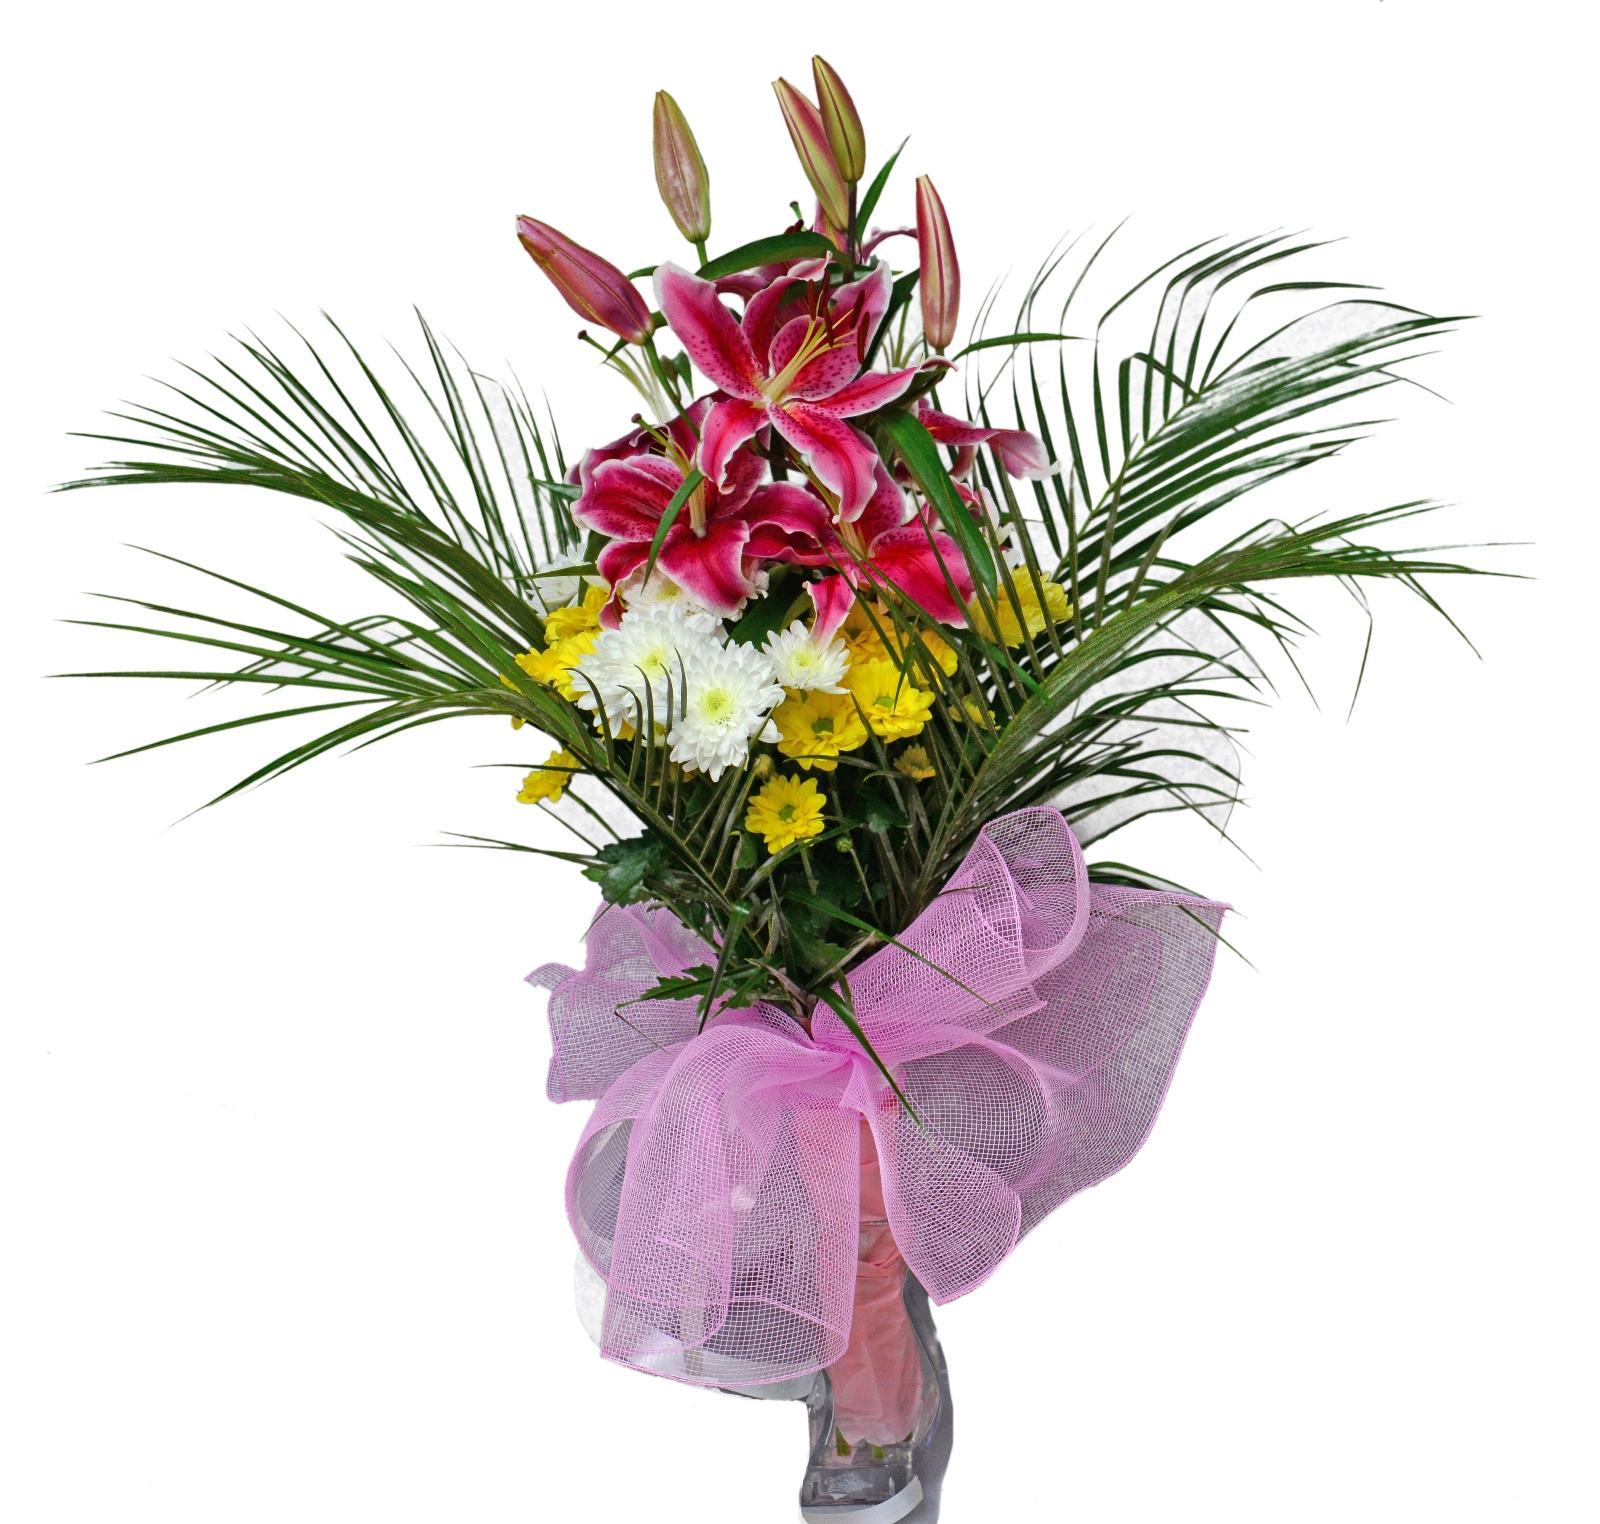 Аранжировка с лилиум и хризантеми